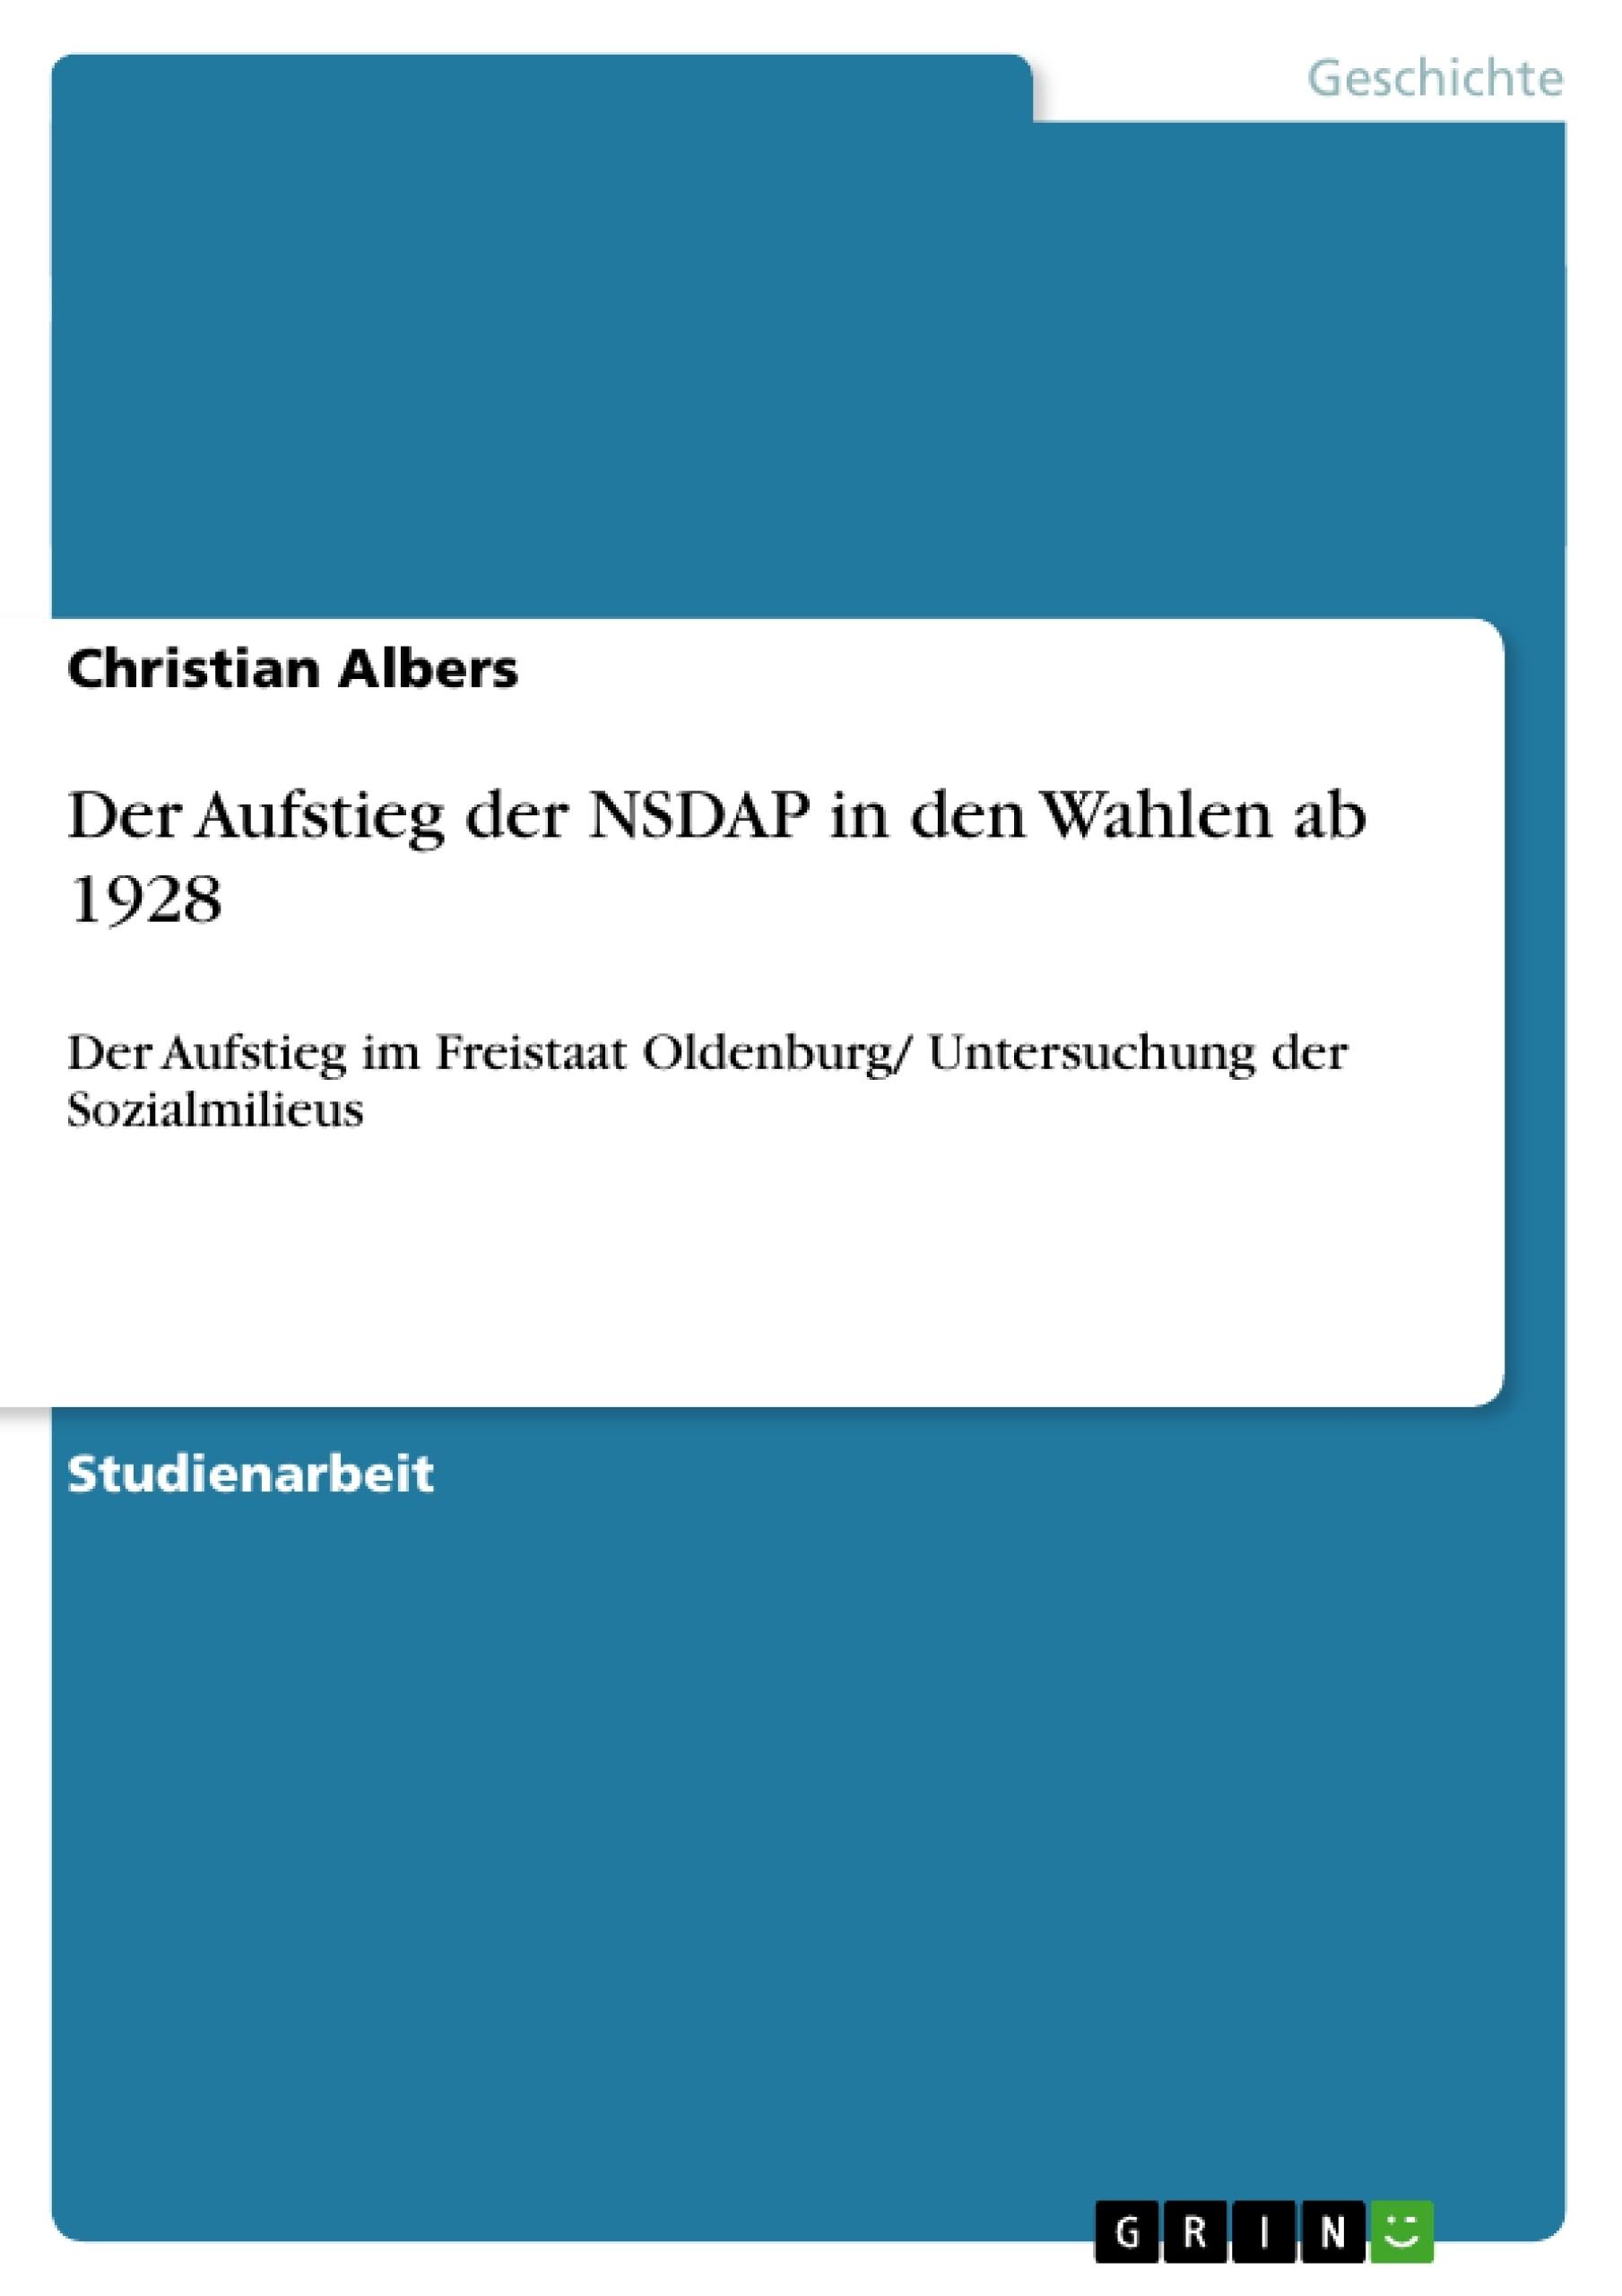 Titel: Der Aufstieg der NSDAP in den Wahlen ab 1928